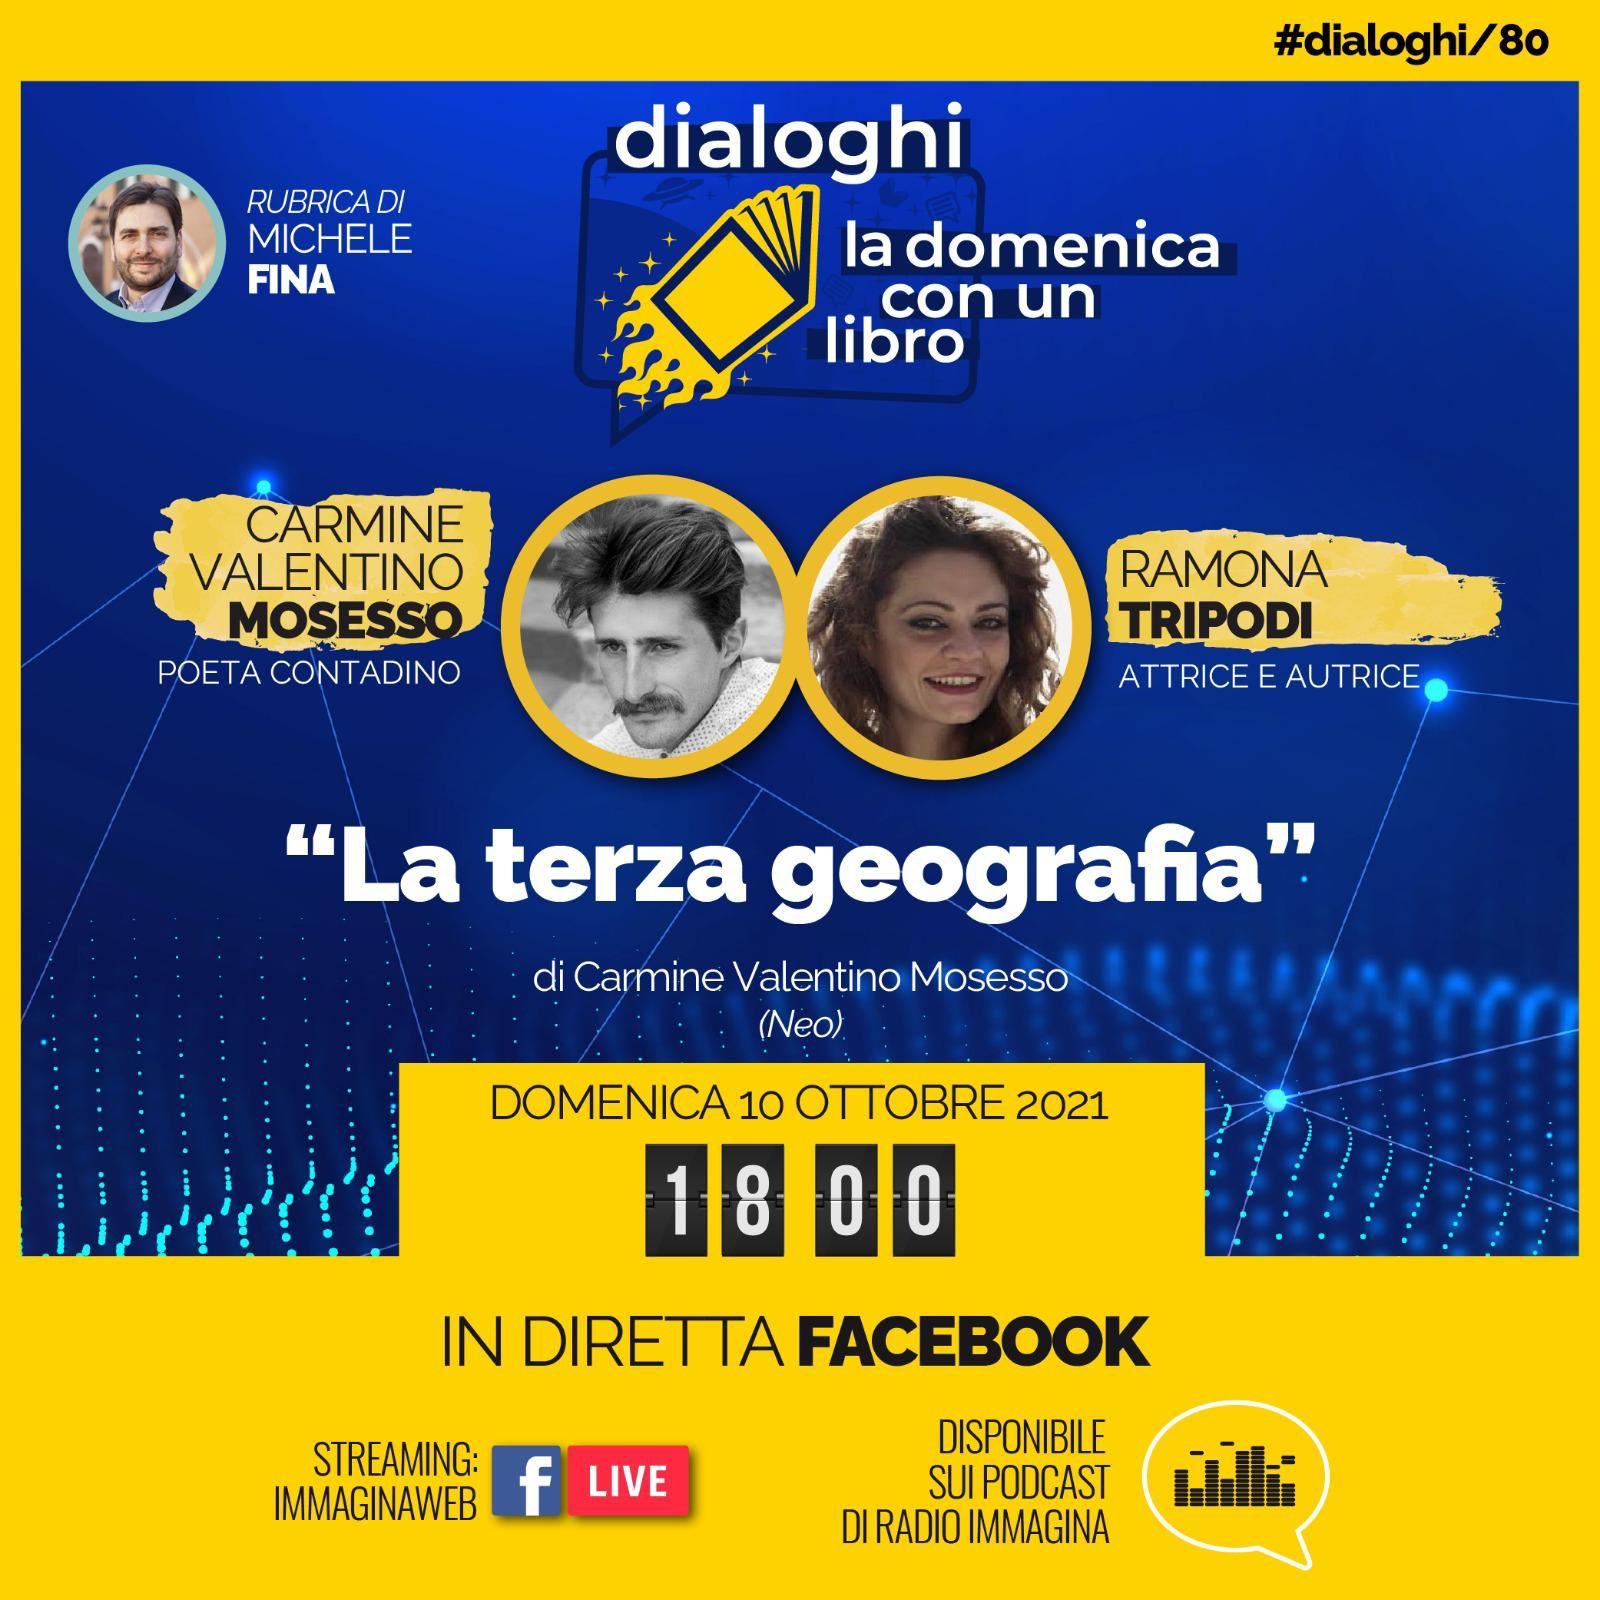 Dialogo 10 ottobre